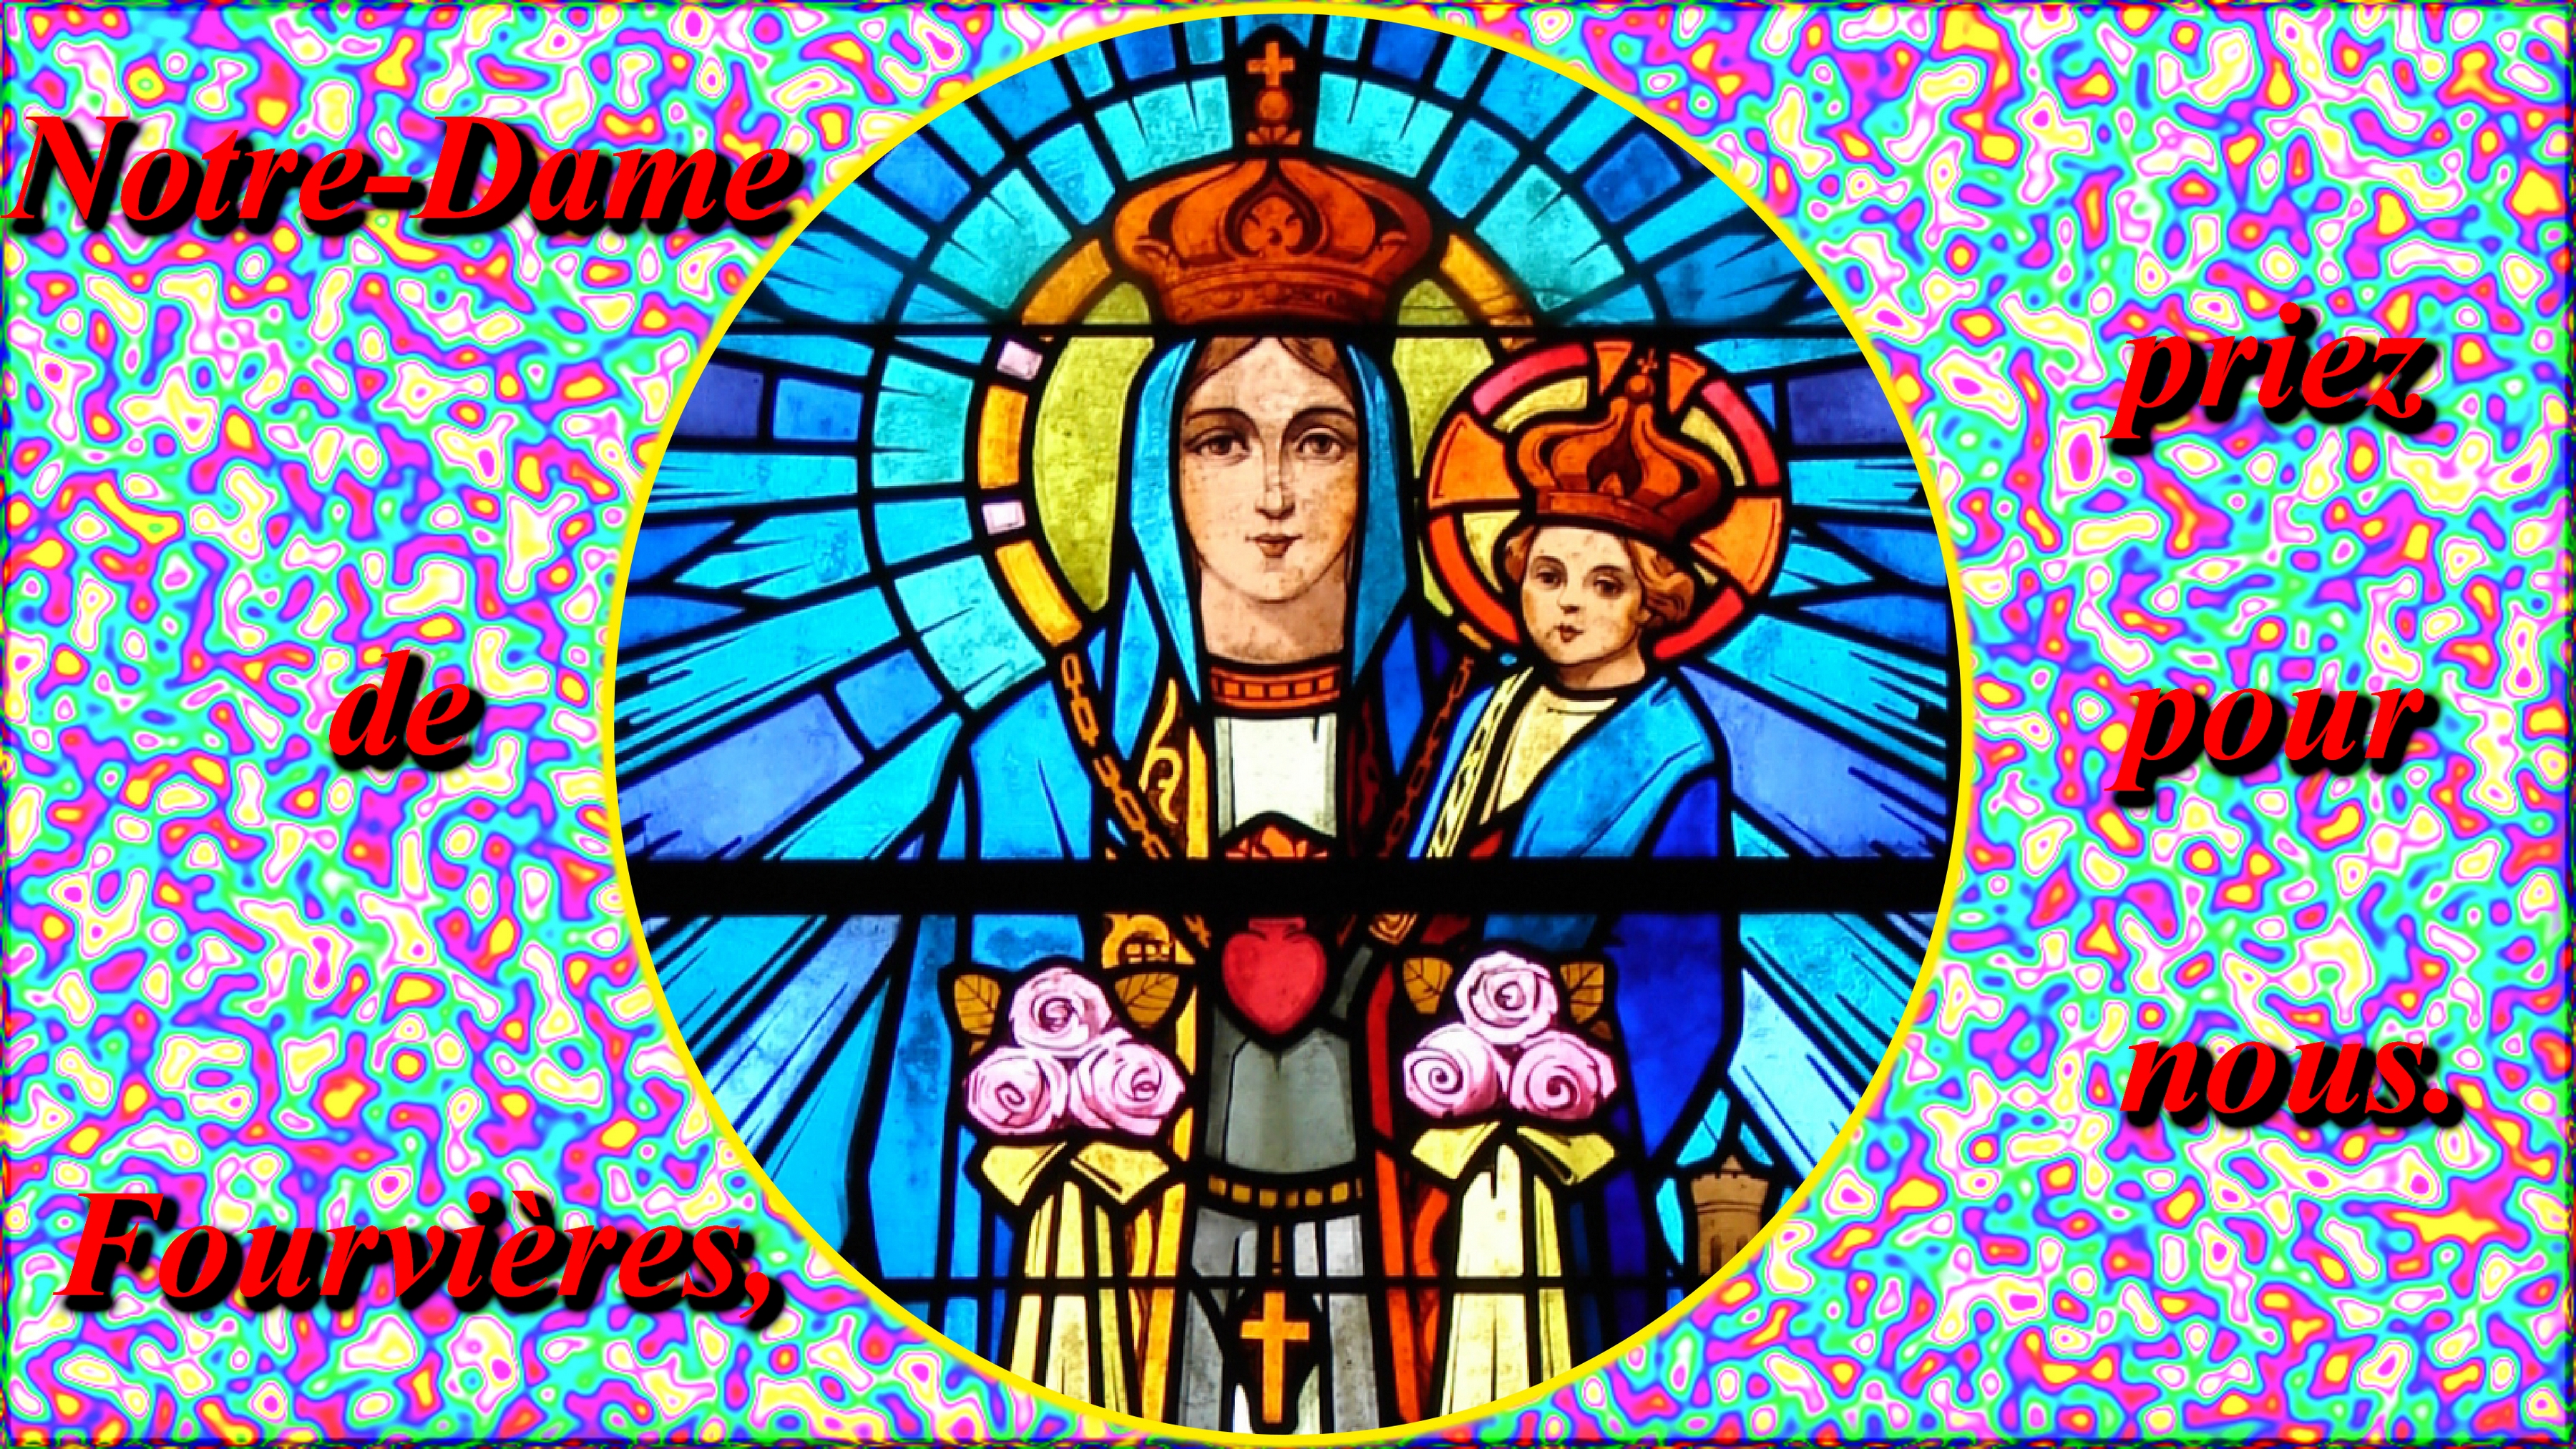 CALENDRIER CATHOLIQUE 2020 (Cantiques, Prières & Images) - Page 12 Notre-dame-de-fourvi-res-574c427